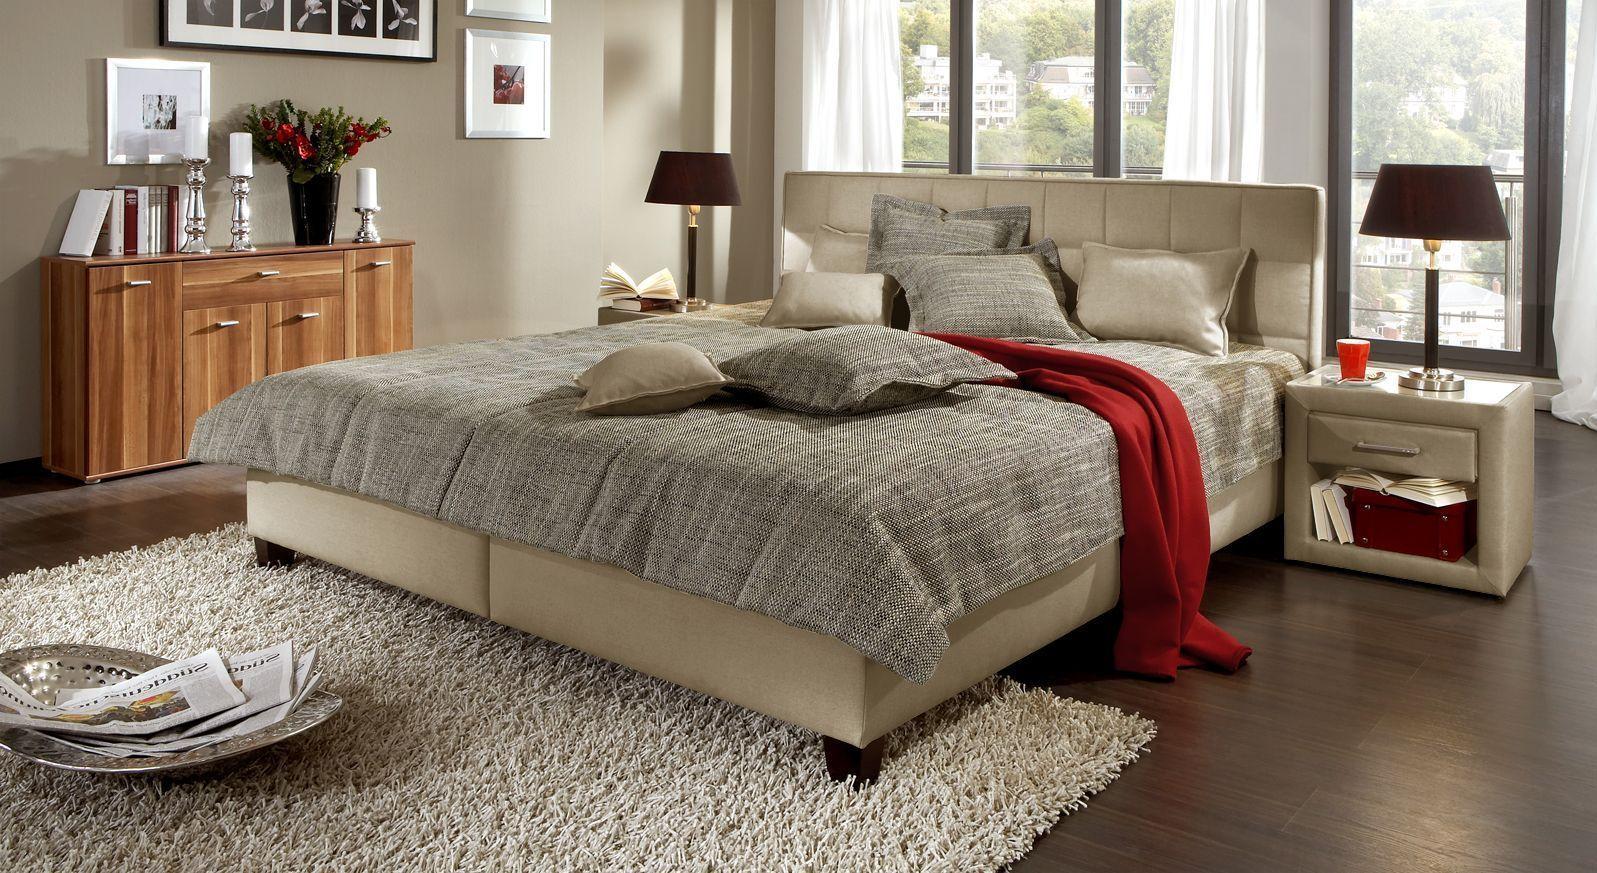 Das hochwertige Polsterbett erhalten Sie in der Farbe natur online bei Betten.de